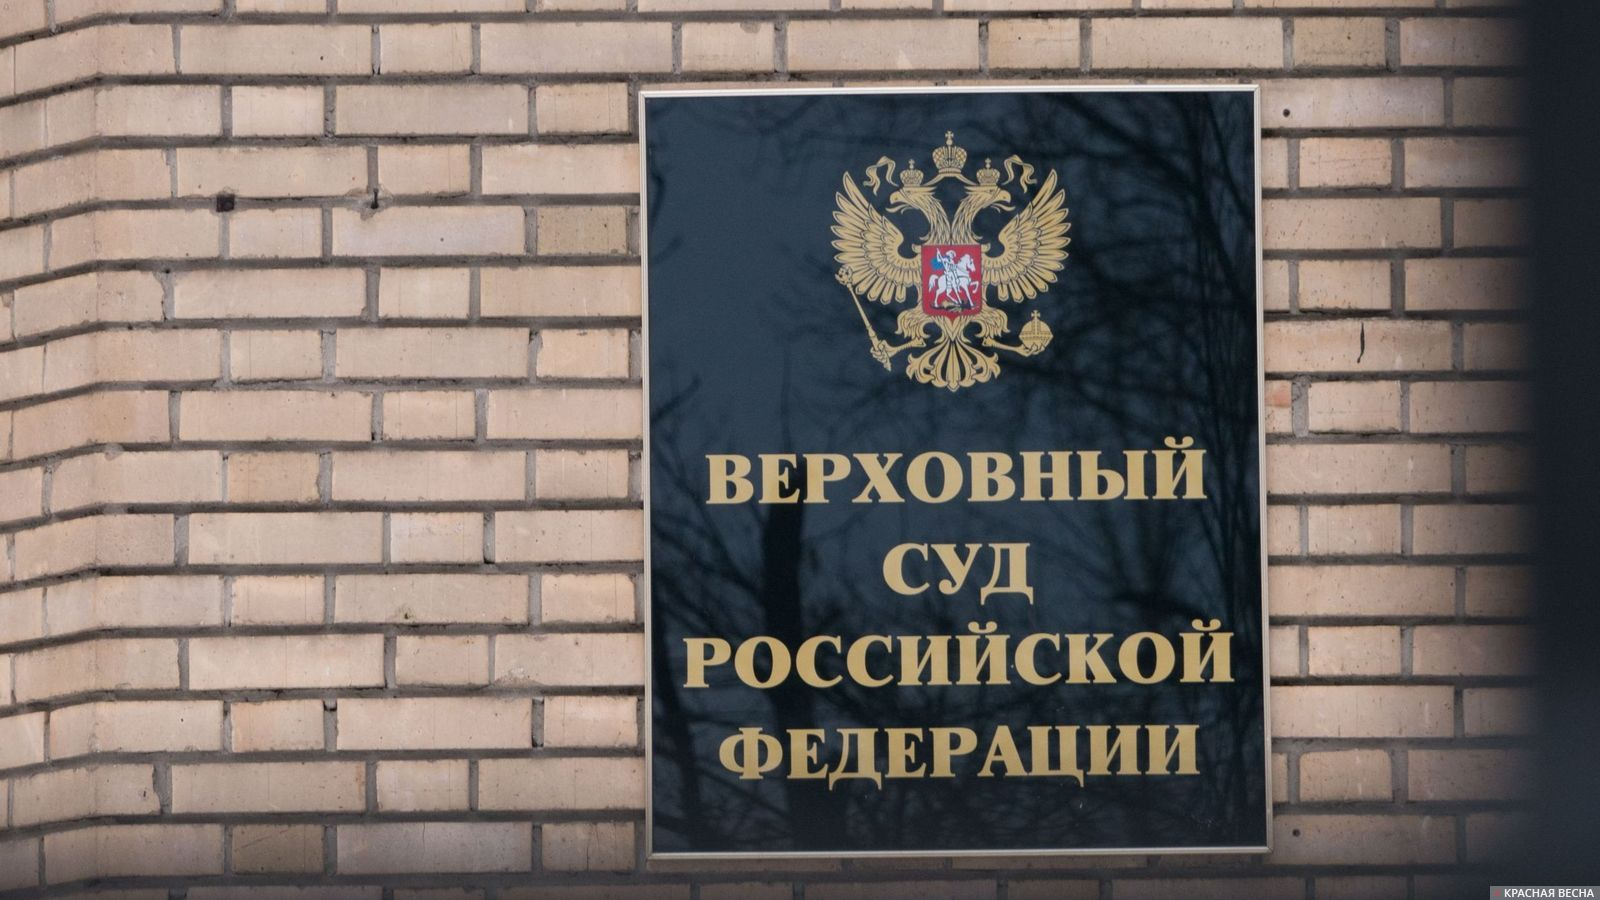 Генпрокуратура поддержала ЦИК вотказе зарегистрировать Навального